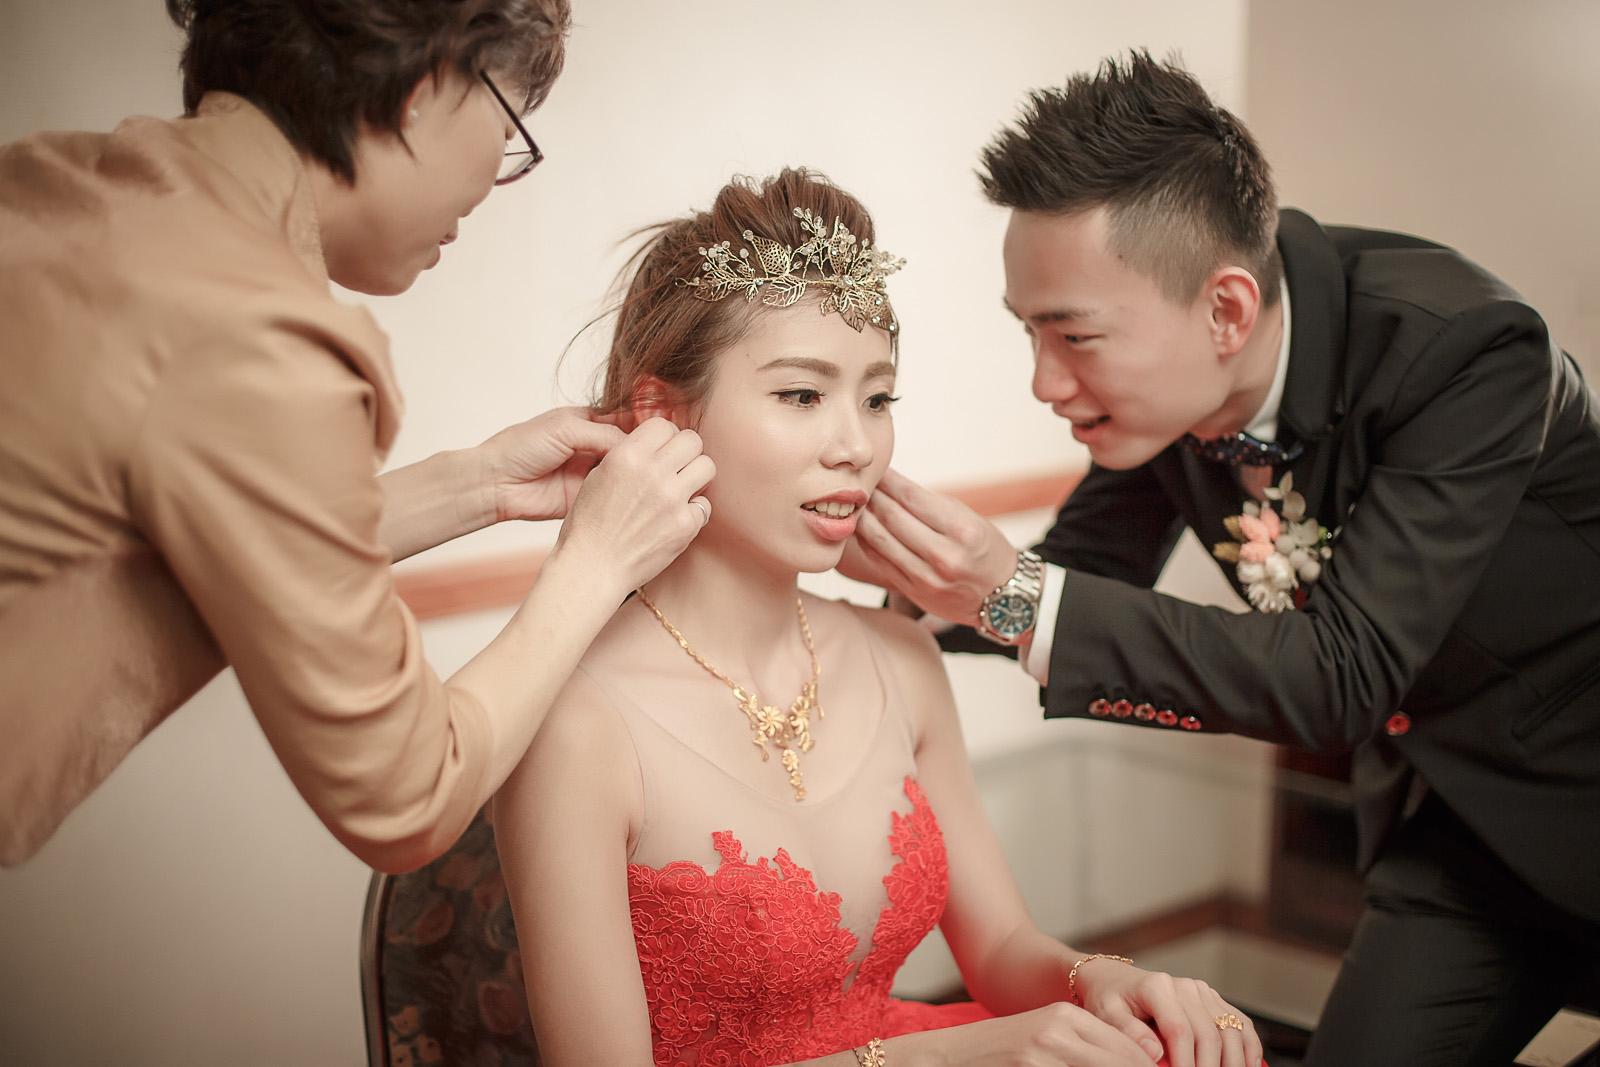 高雄圓山飯店,婚禮攝影,婚攝,高雄婚攝,優質婚攝推薦,Jen&Ethan-040